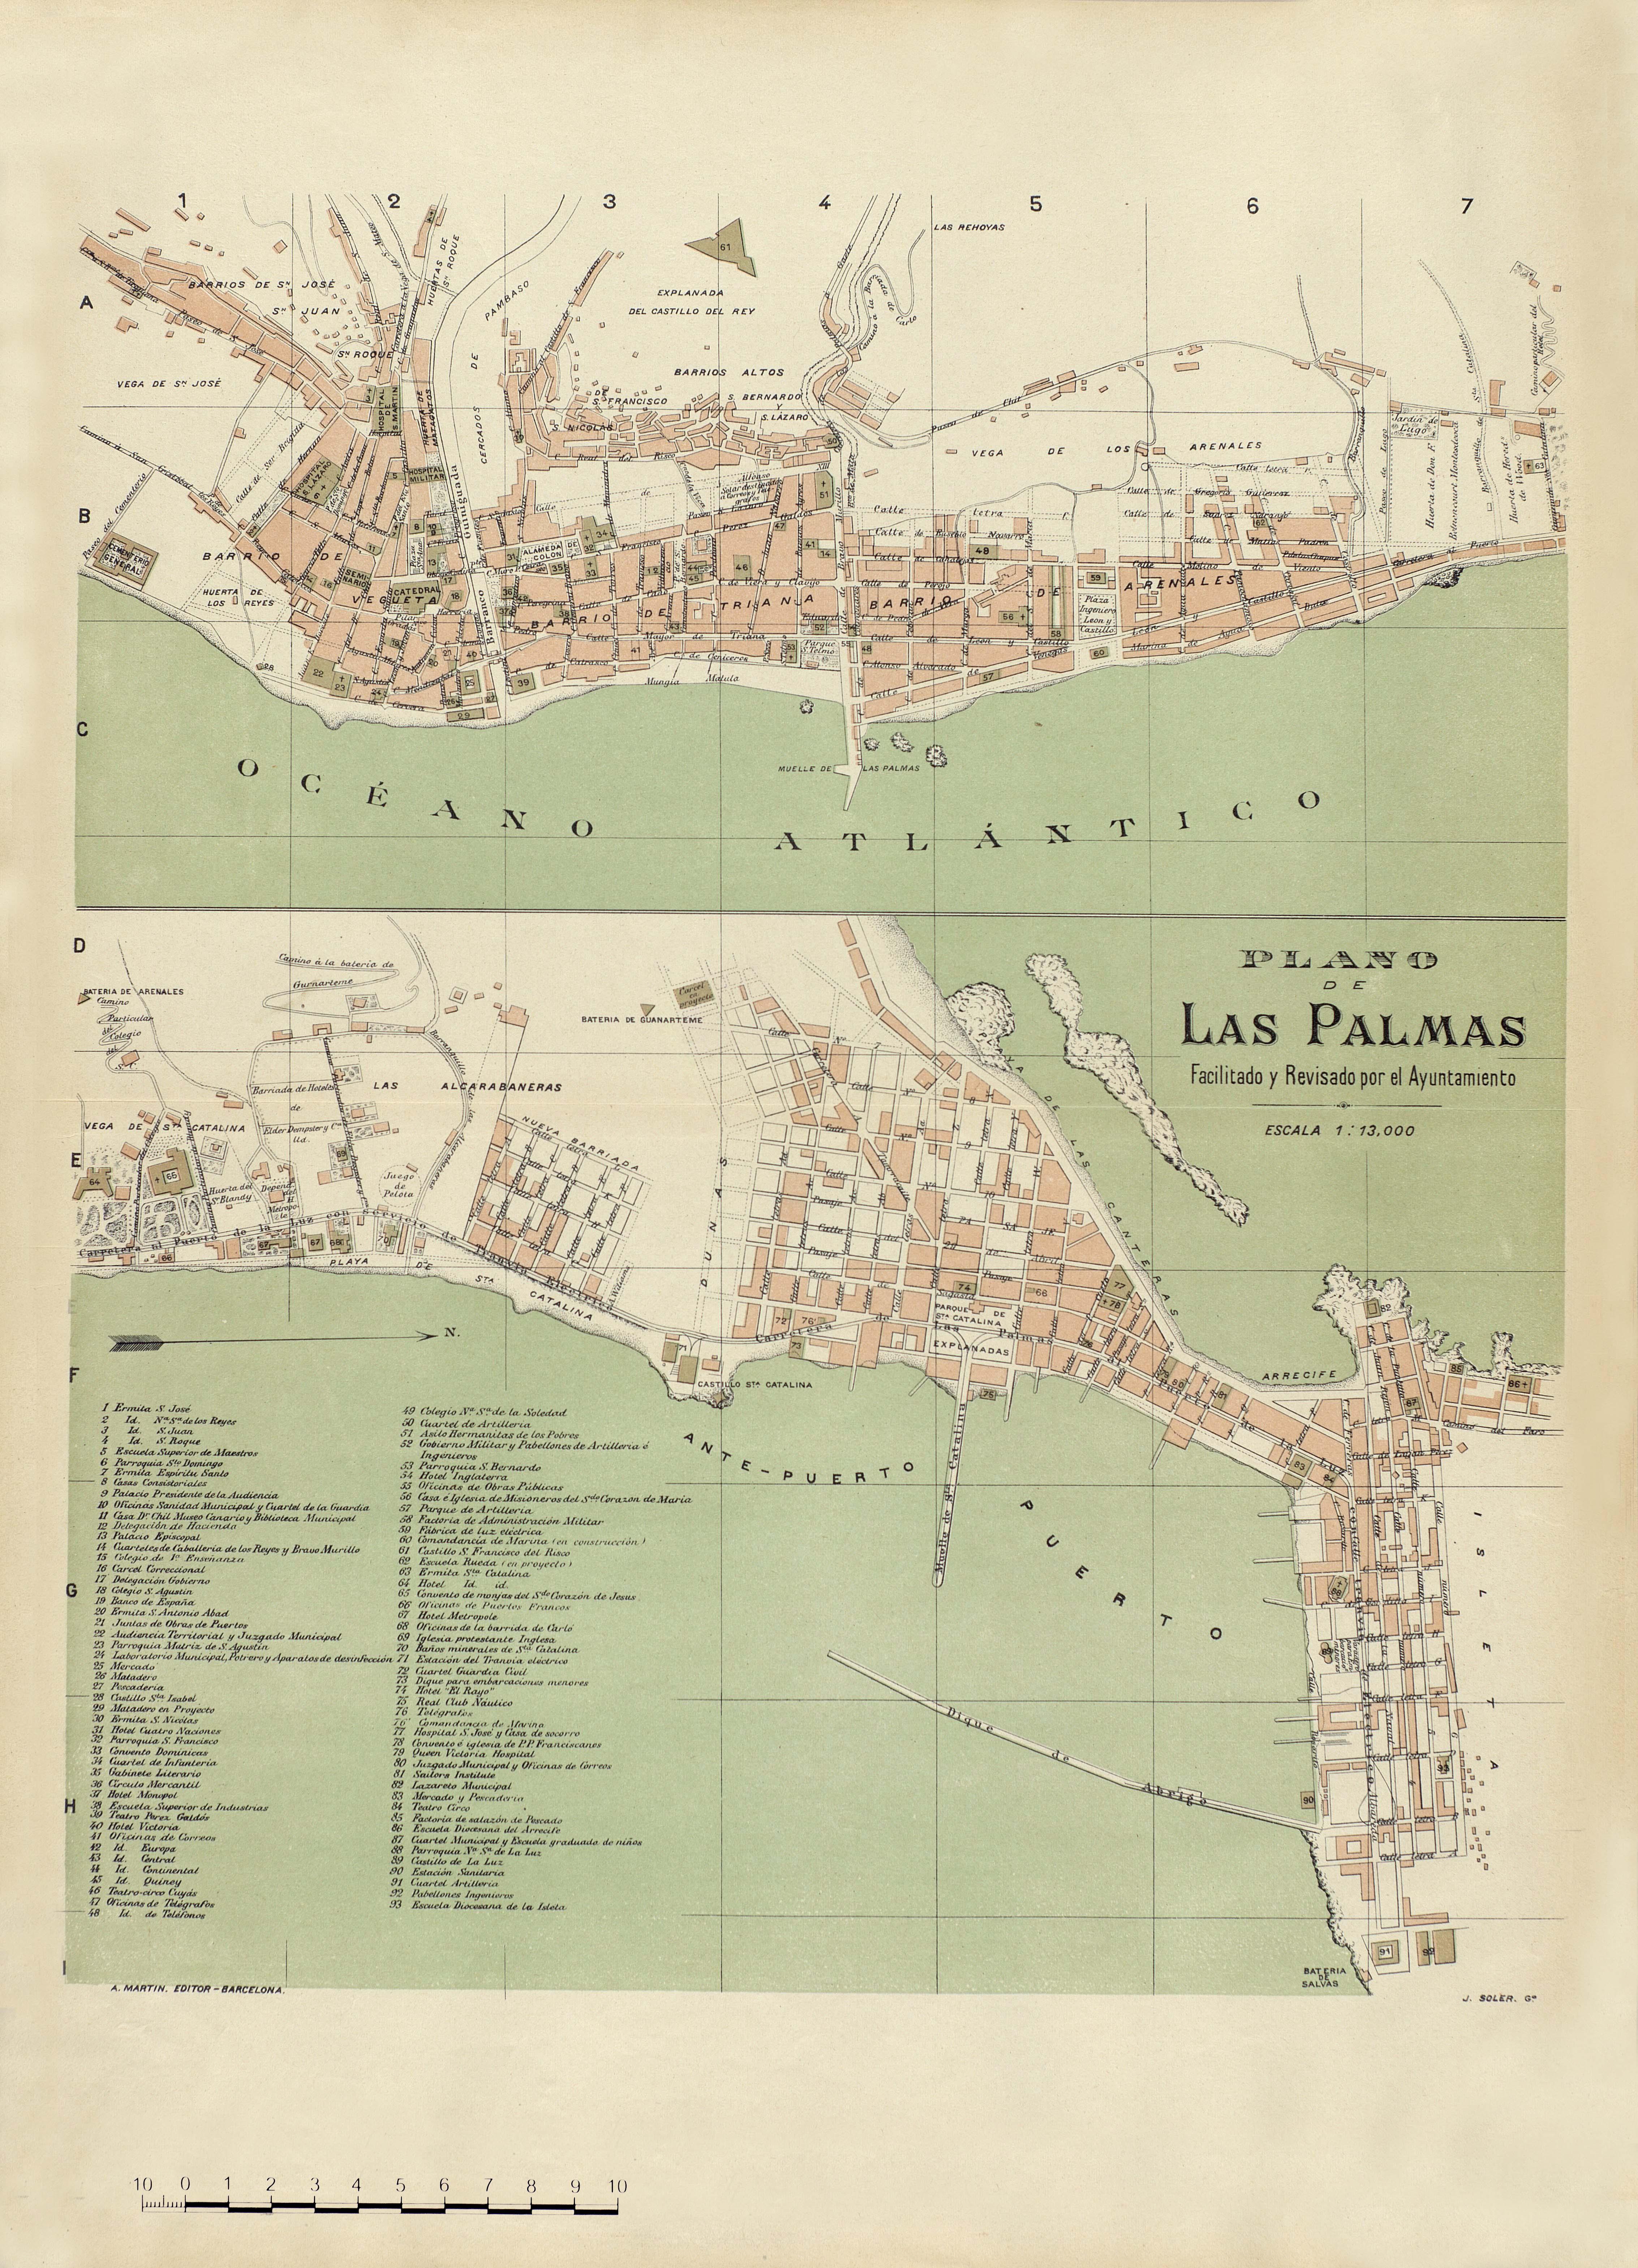 Plano de Las Palmas